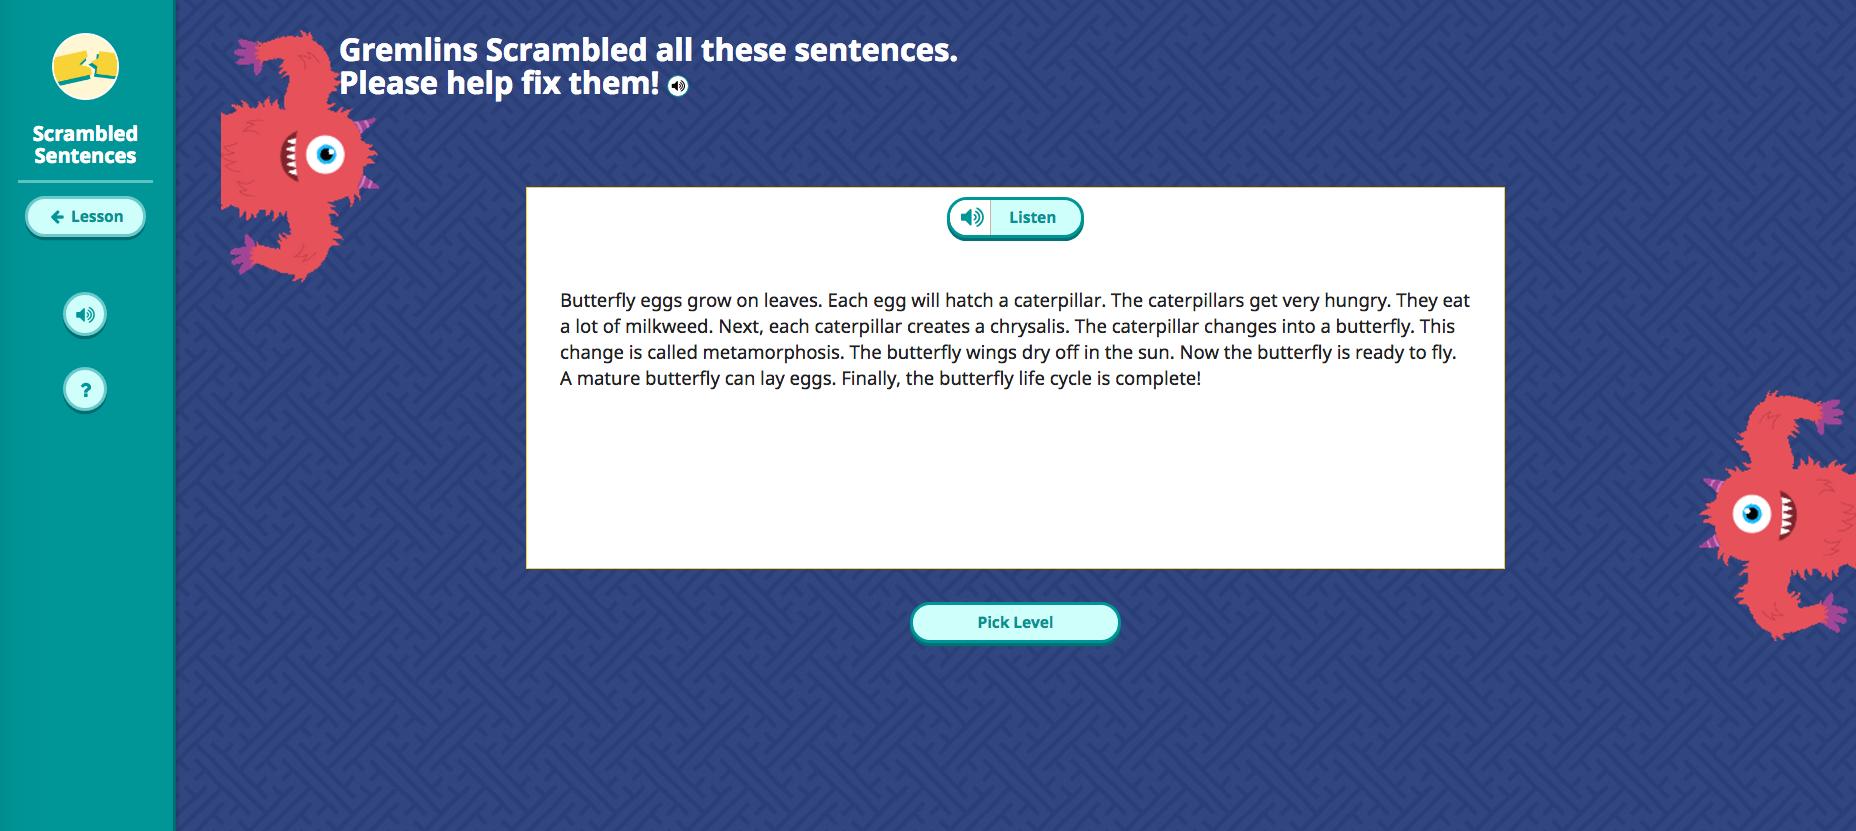 Scrambled Sentences Game Start